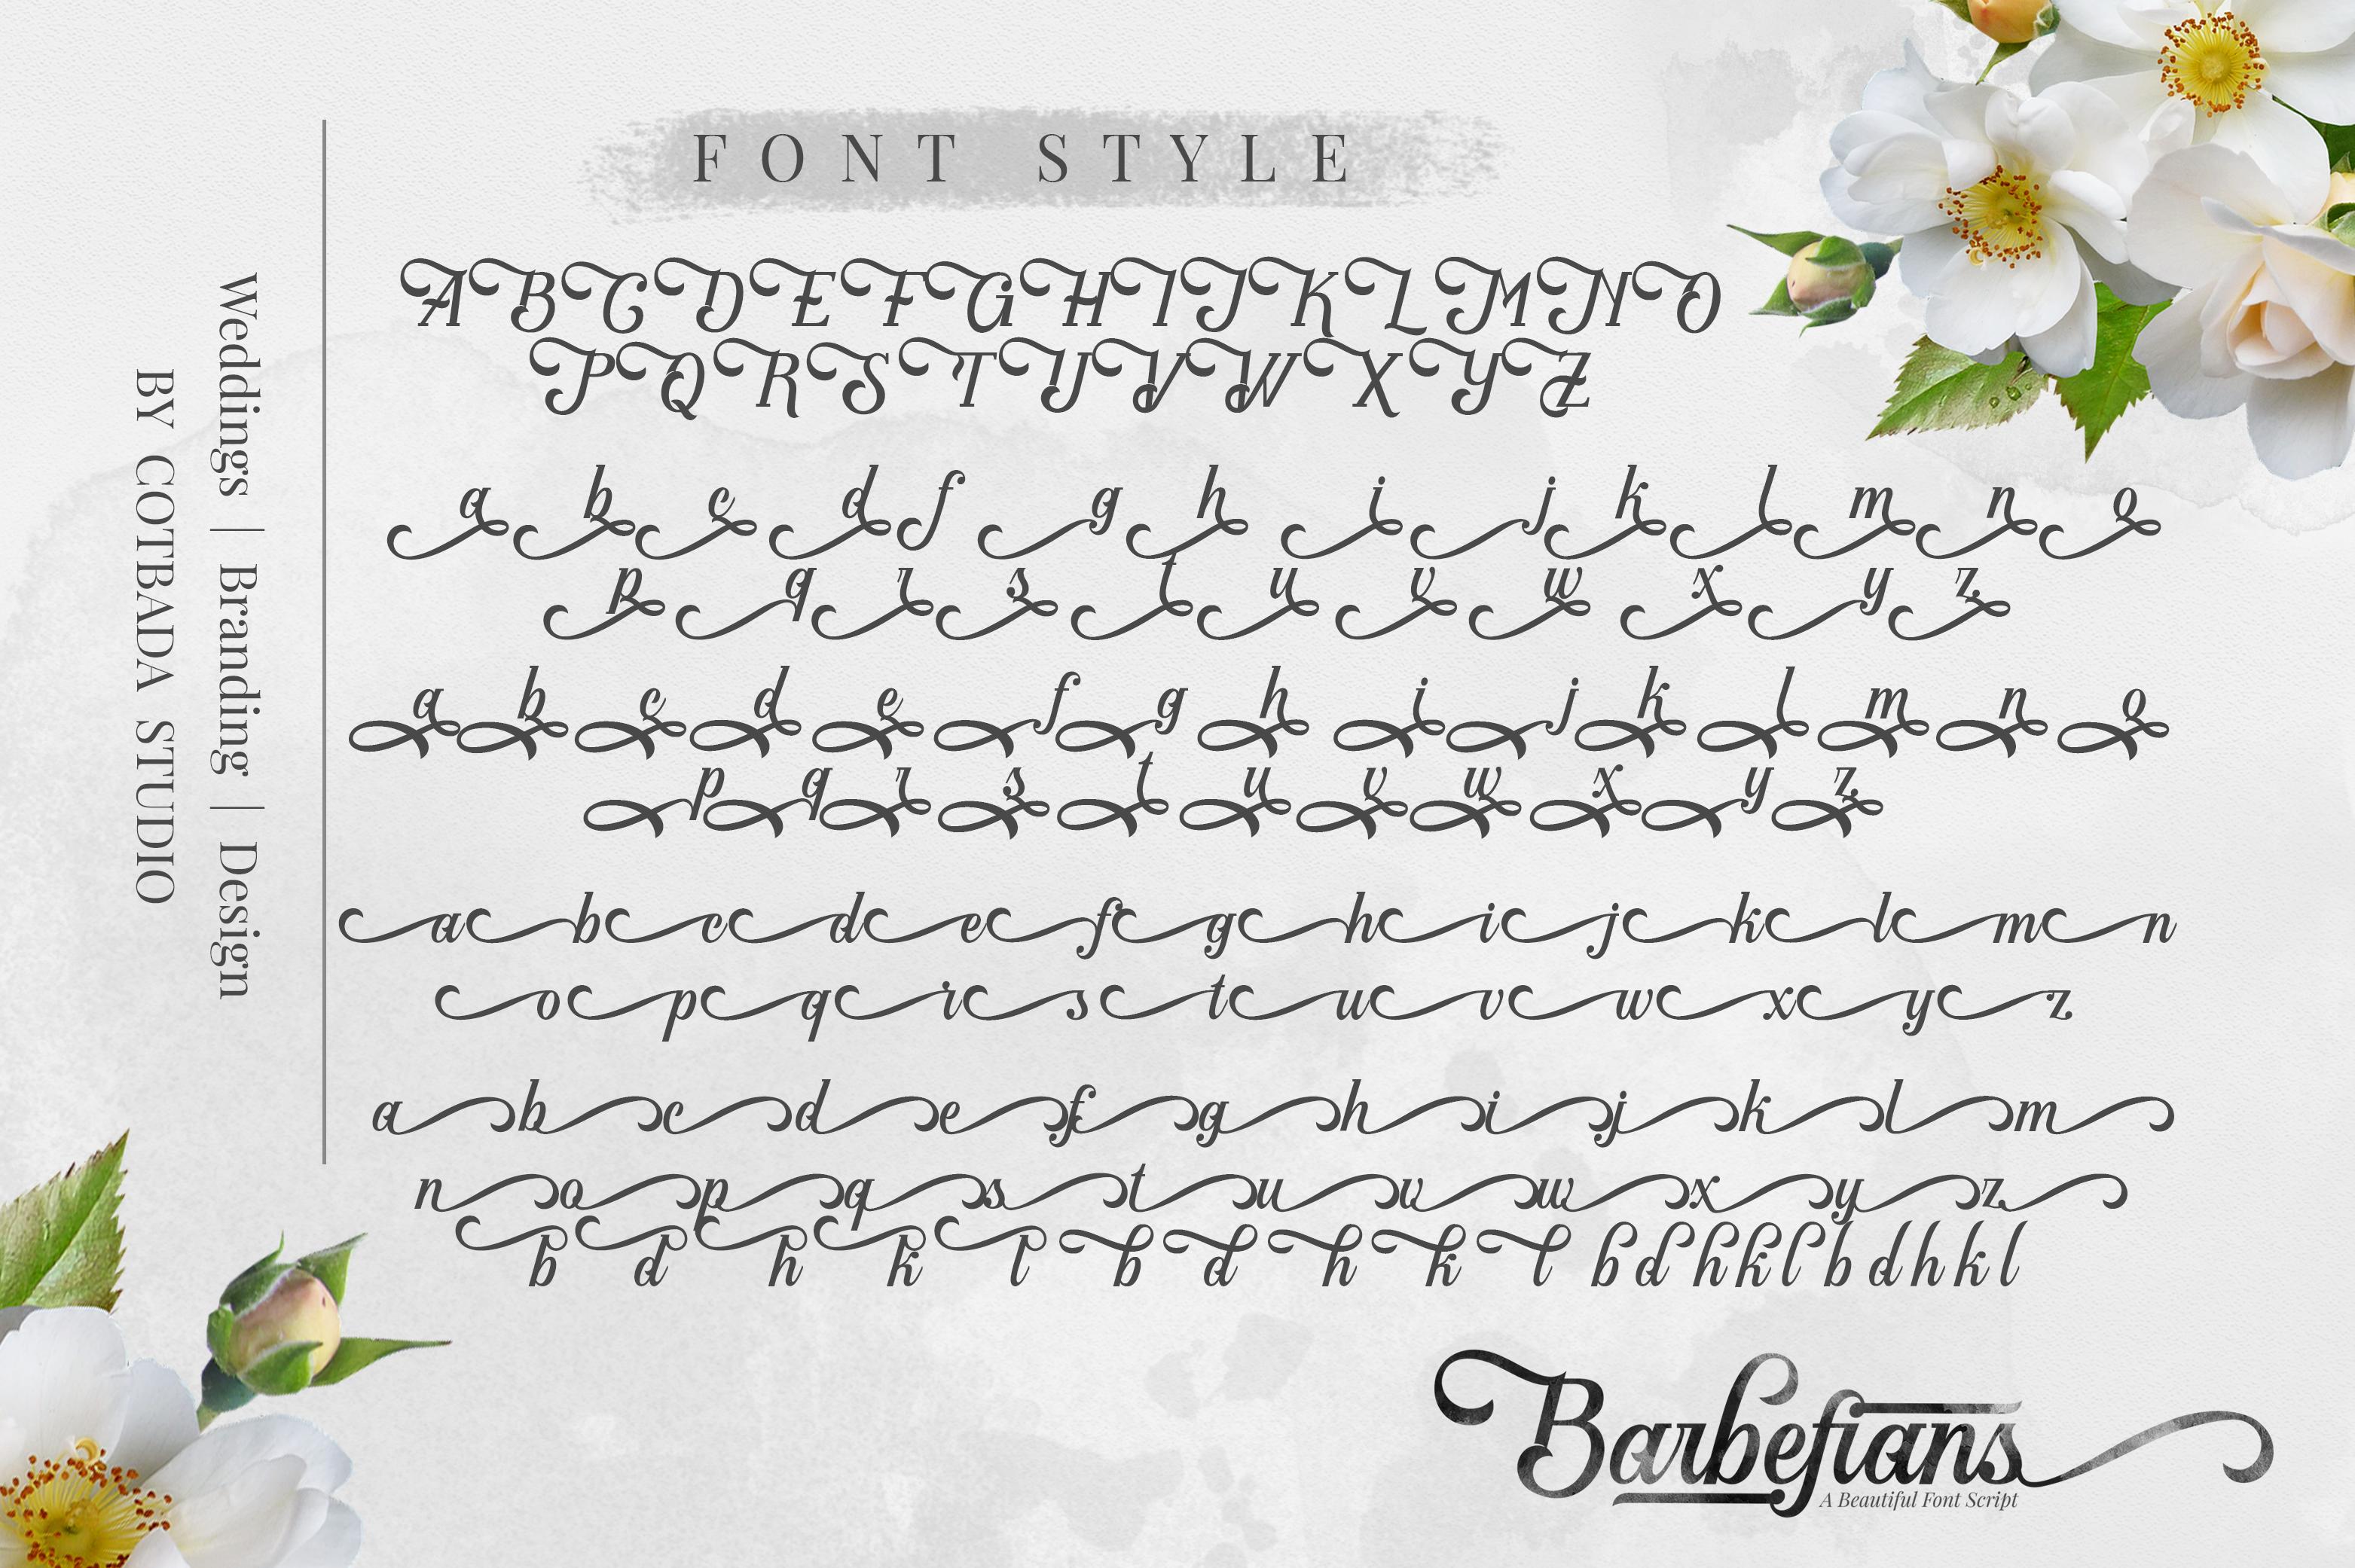 Barbefians Font Script example image 4